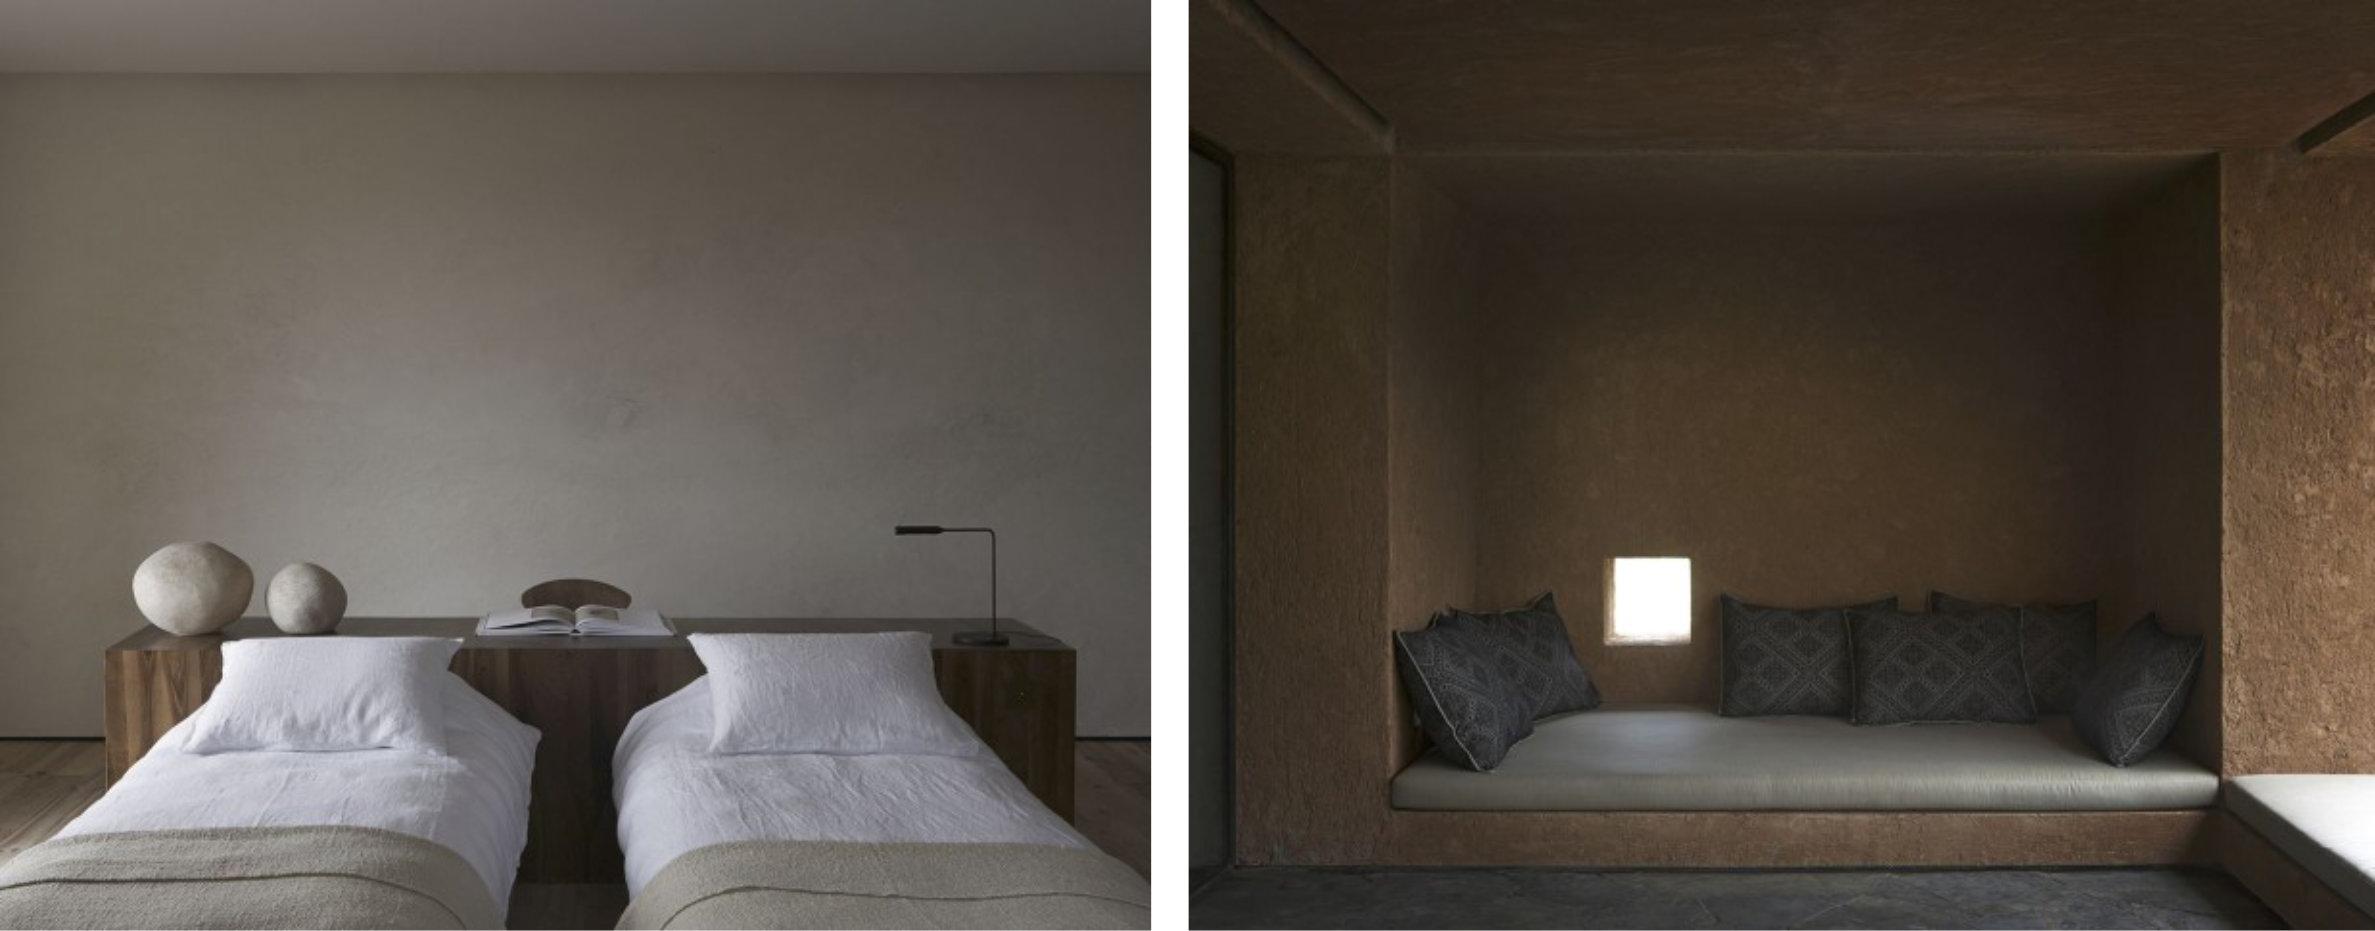 interiorlines_studio_ko_villa_e_005.jpg